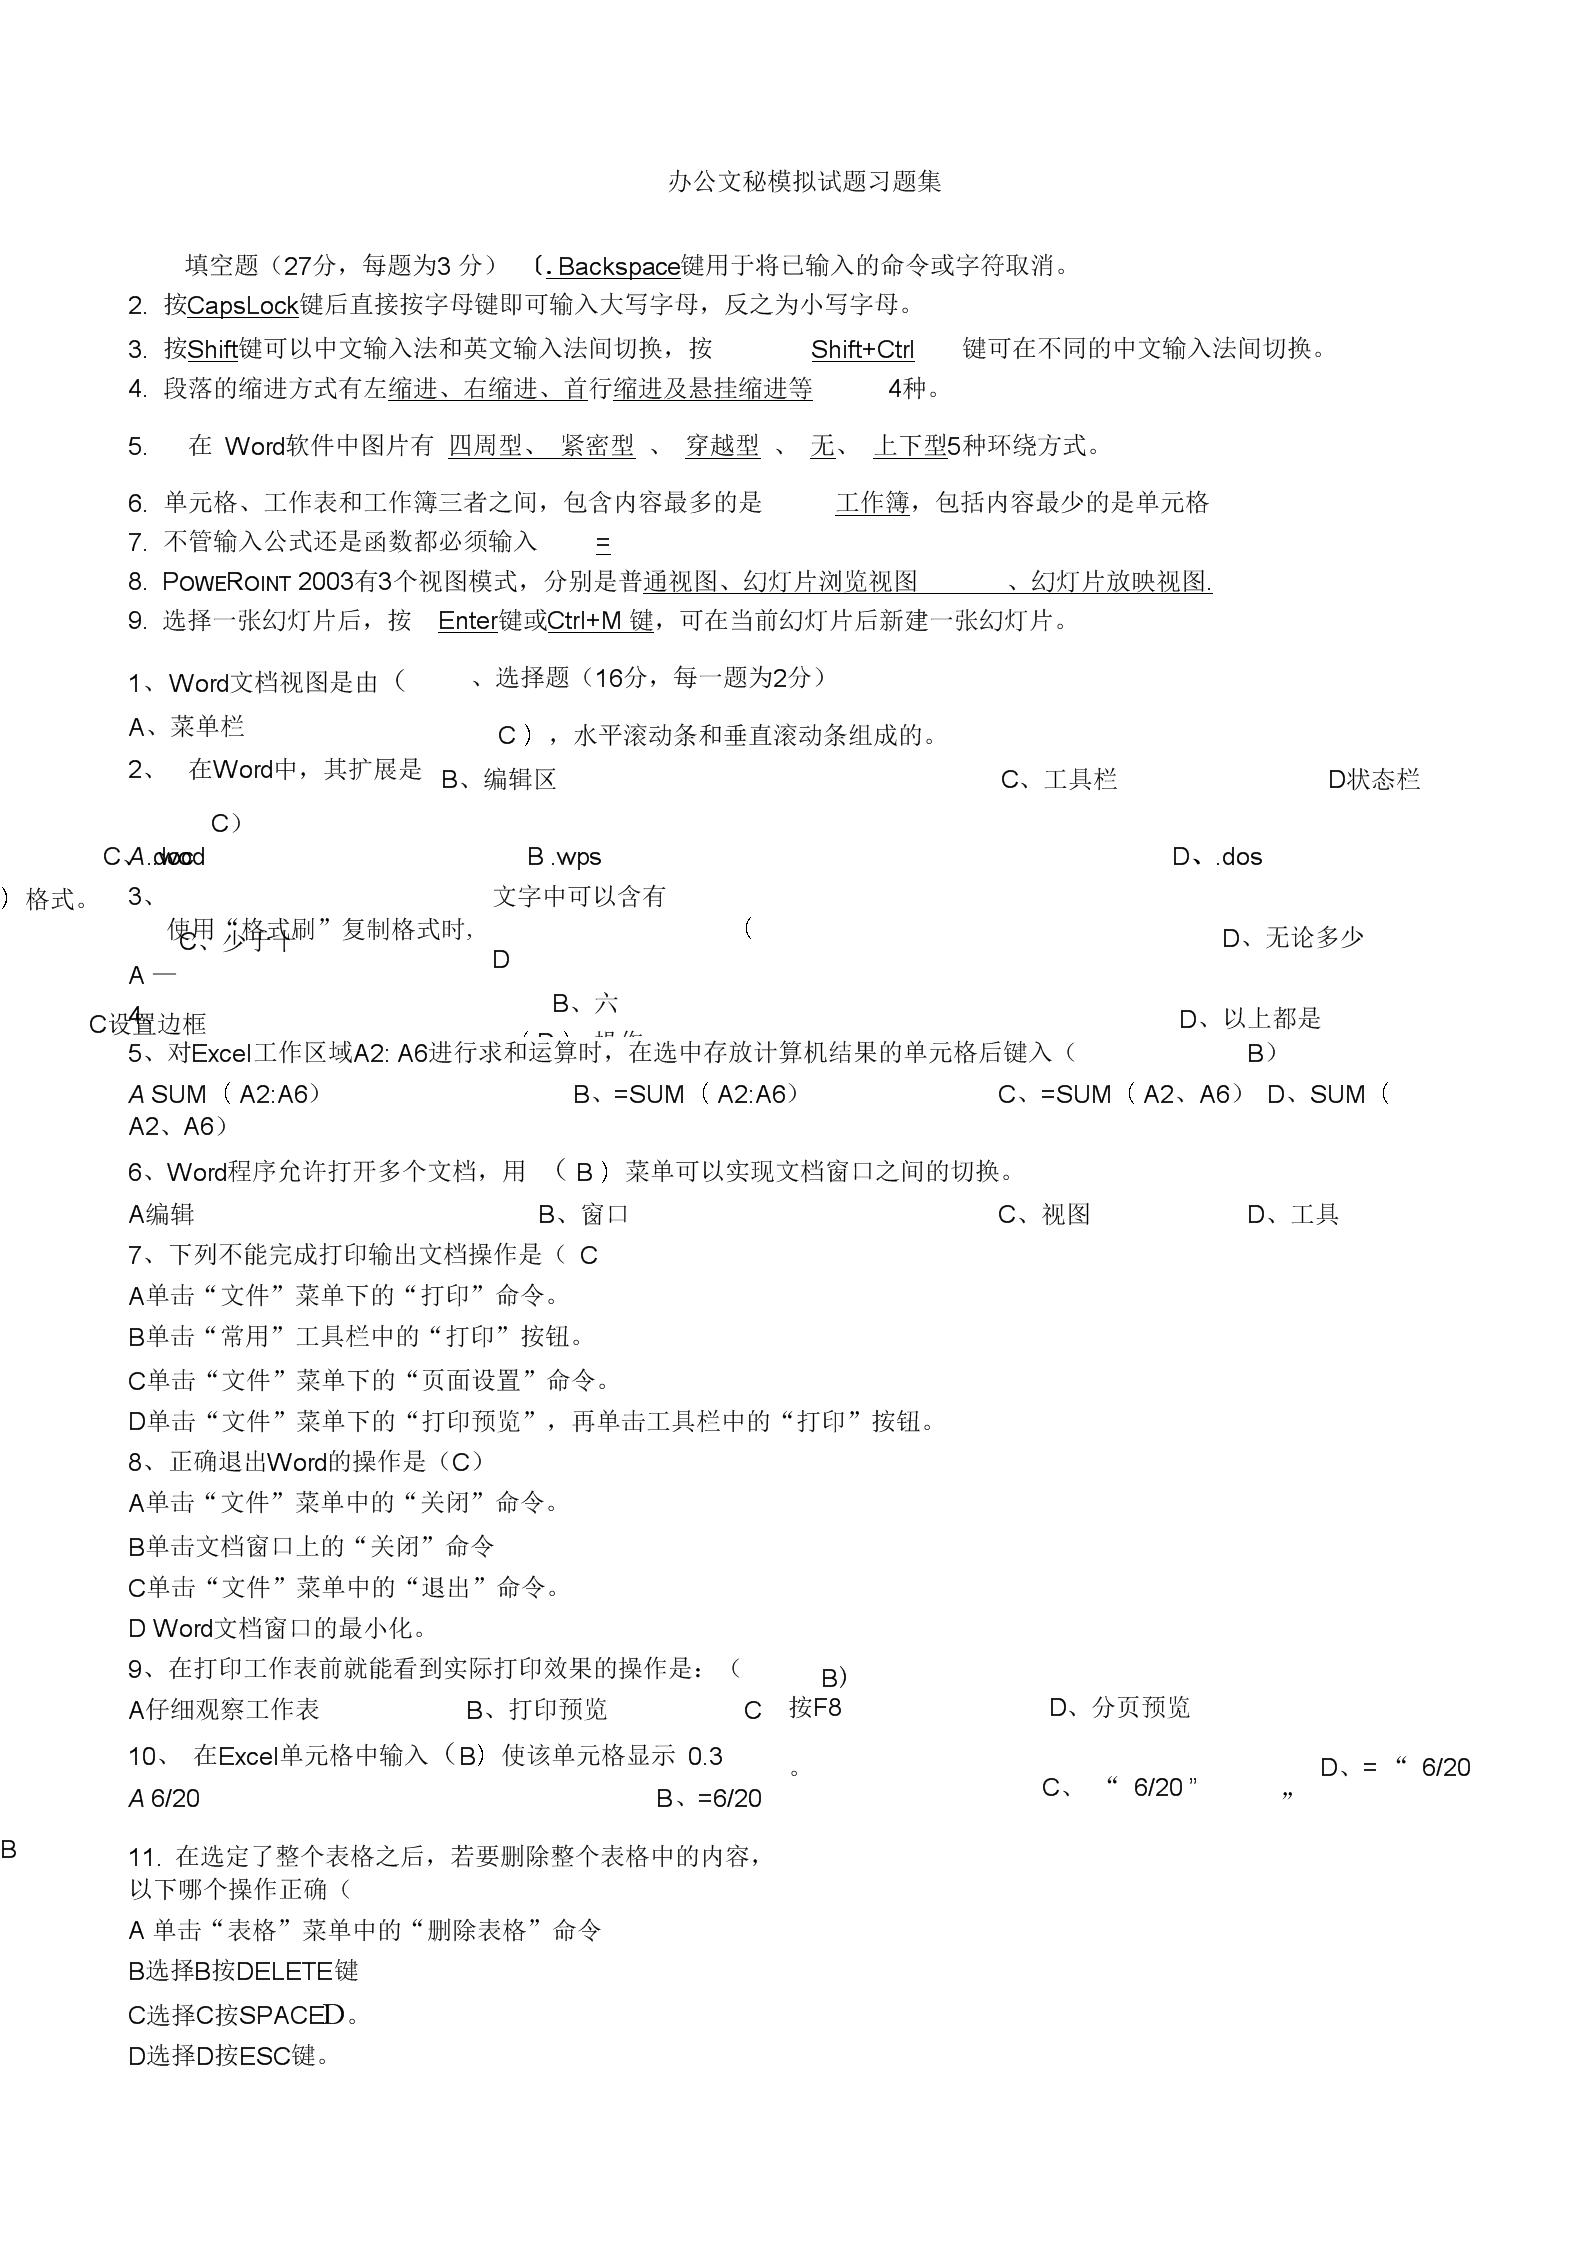 办公文秘培训考试模拟试题.docx